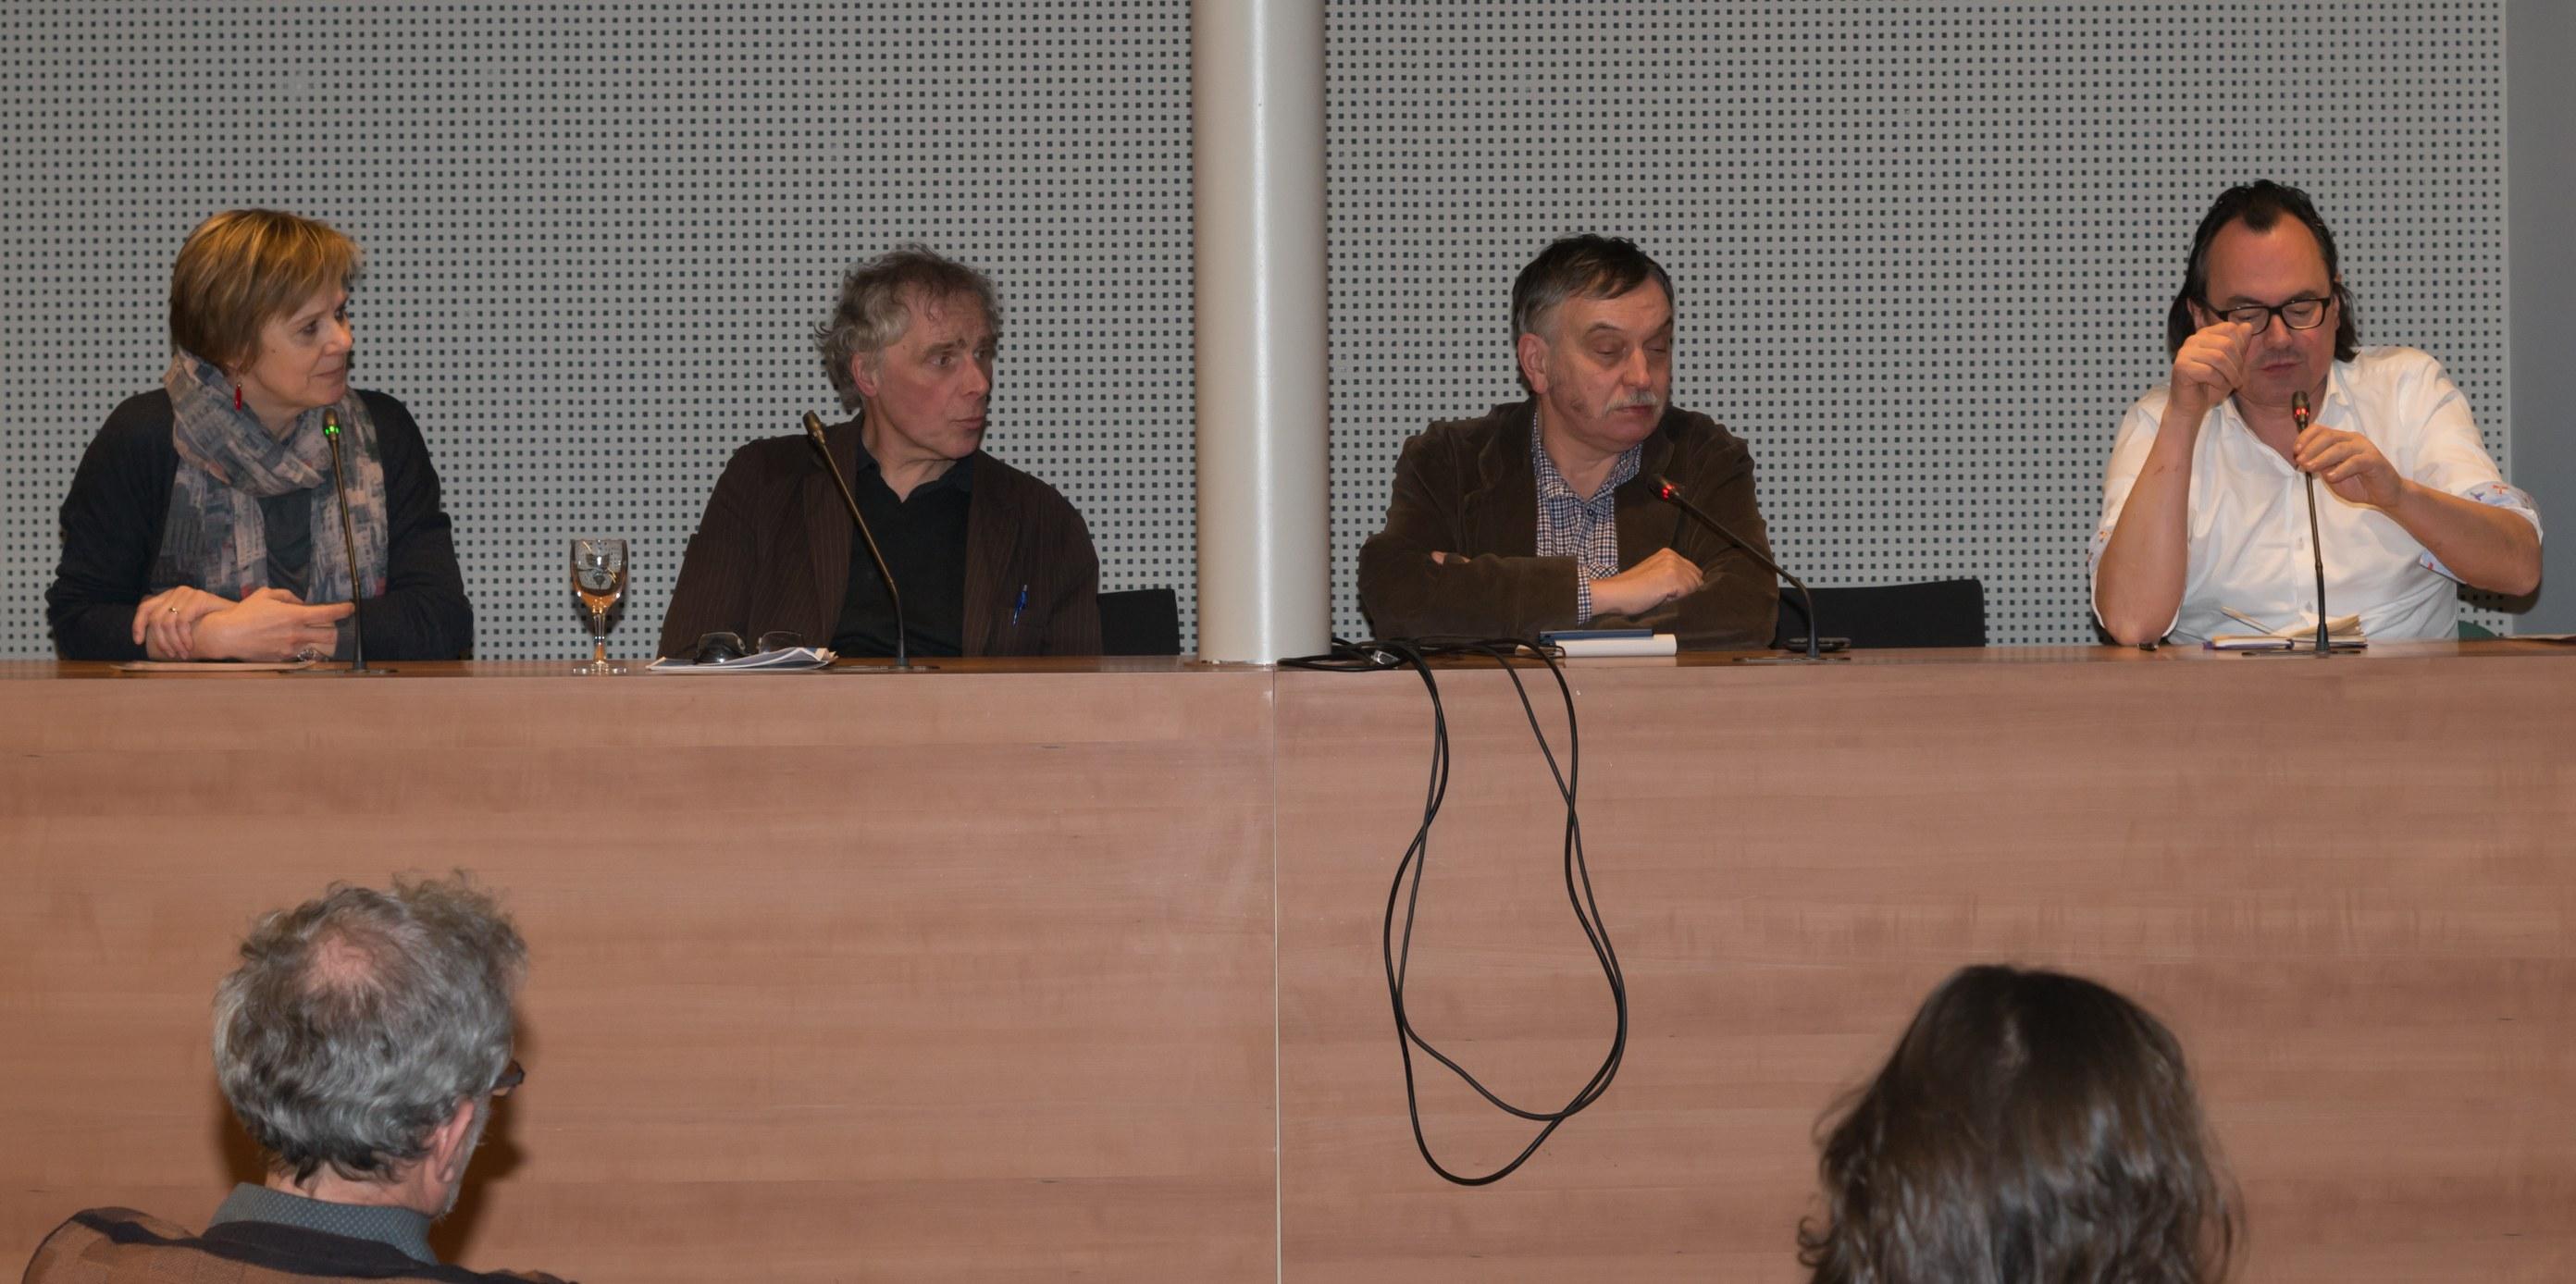 Debat over journalistiek met Marleen Finoulst, Paul deltour, Johan Braeckman, moderatie TIm Trachet bij Skepp (Foto: Jozef Van Giel)